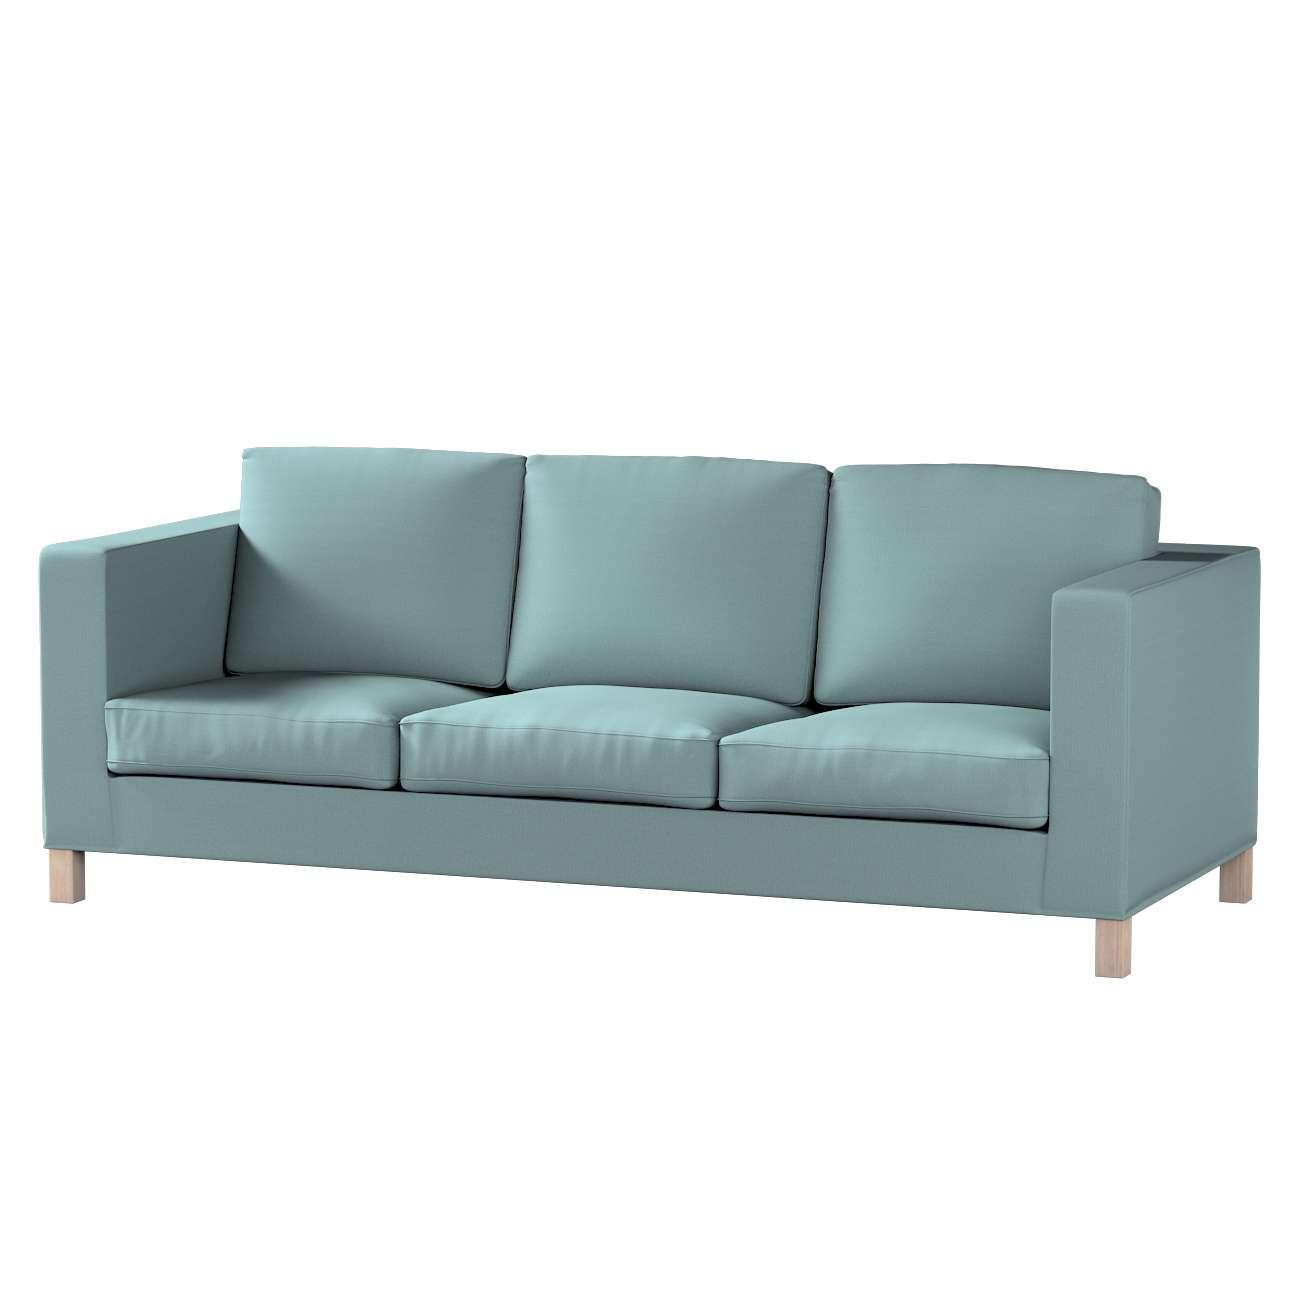 Pokrowiec na sofę Karlanda 3-osobową nierozkładaną, krótki w kolekcji Cotton Panama, tkanina: 702-40